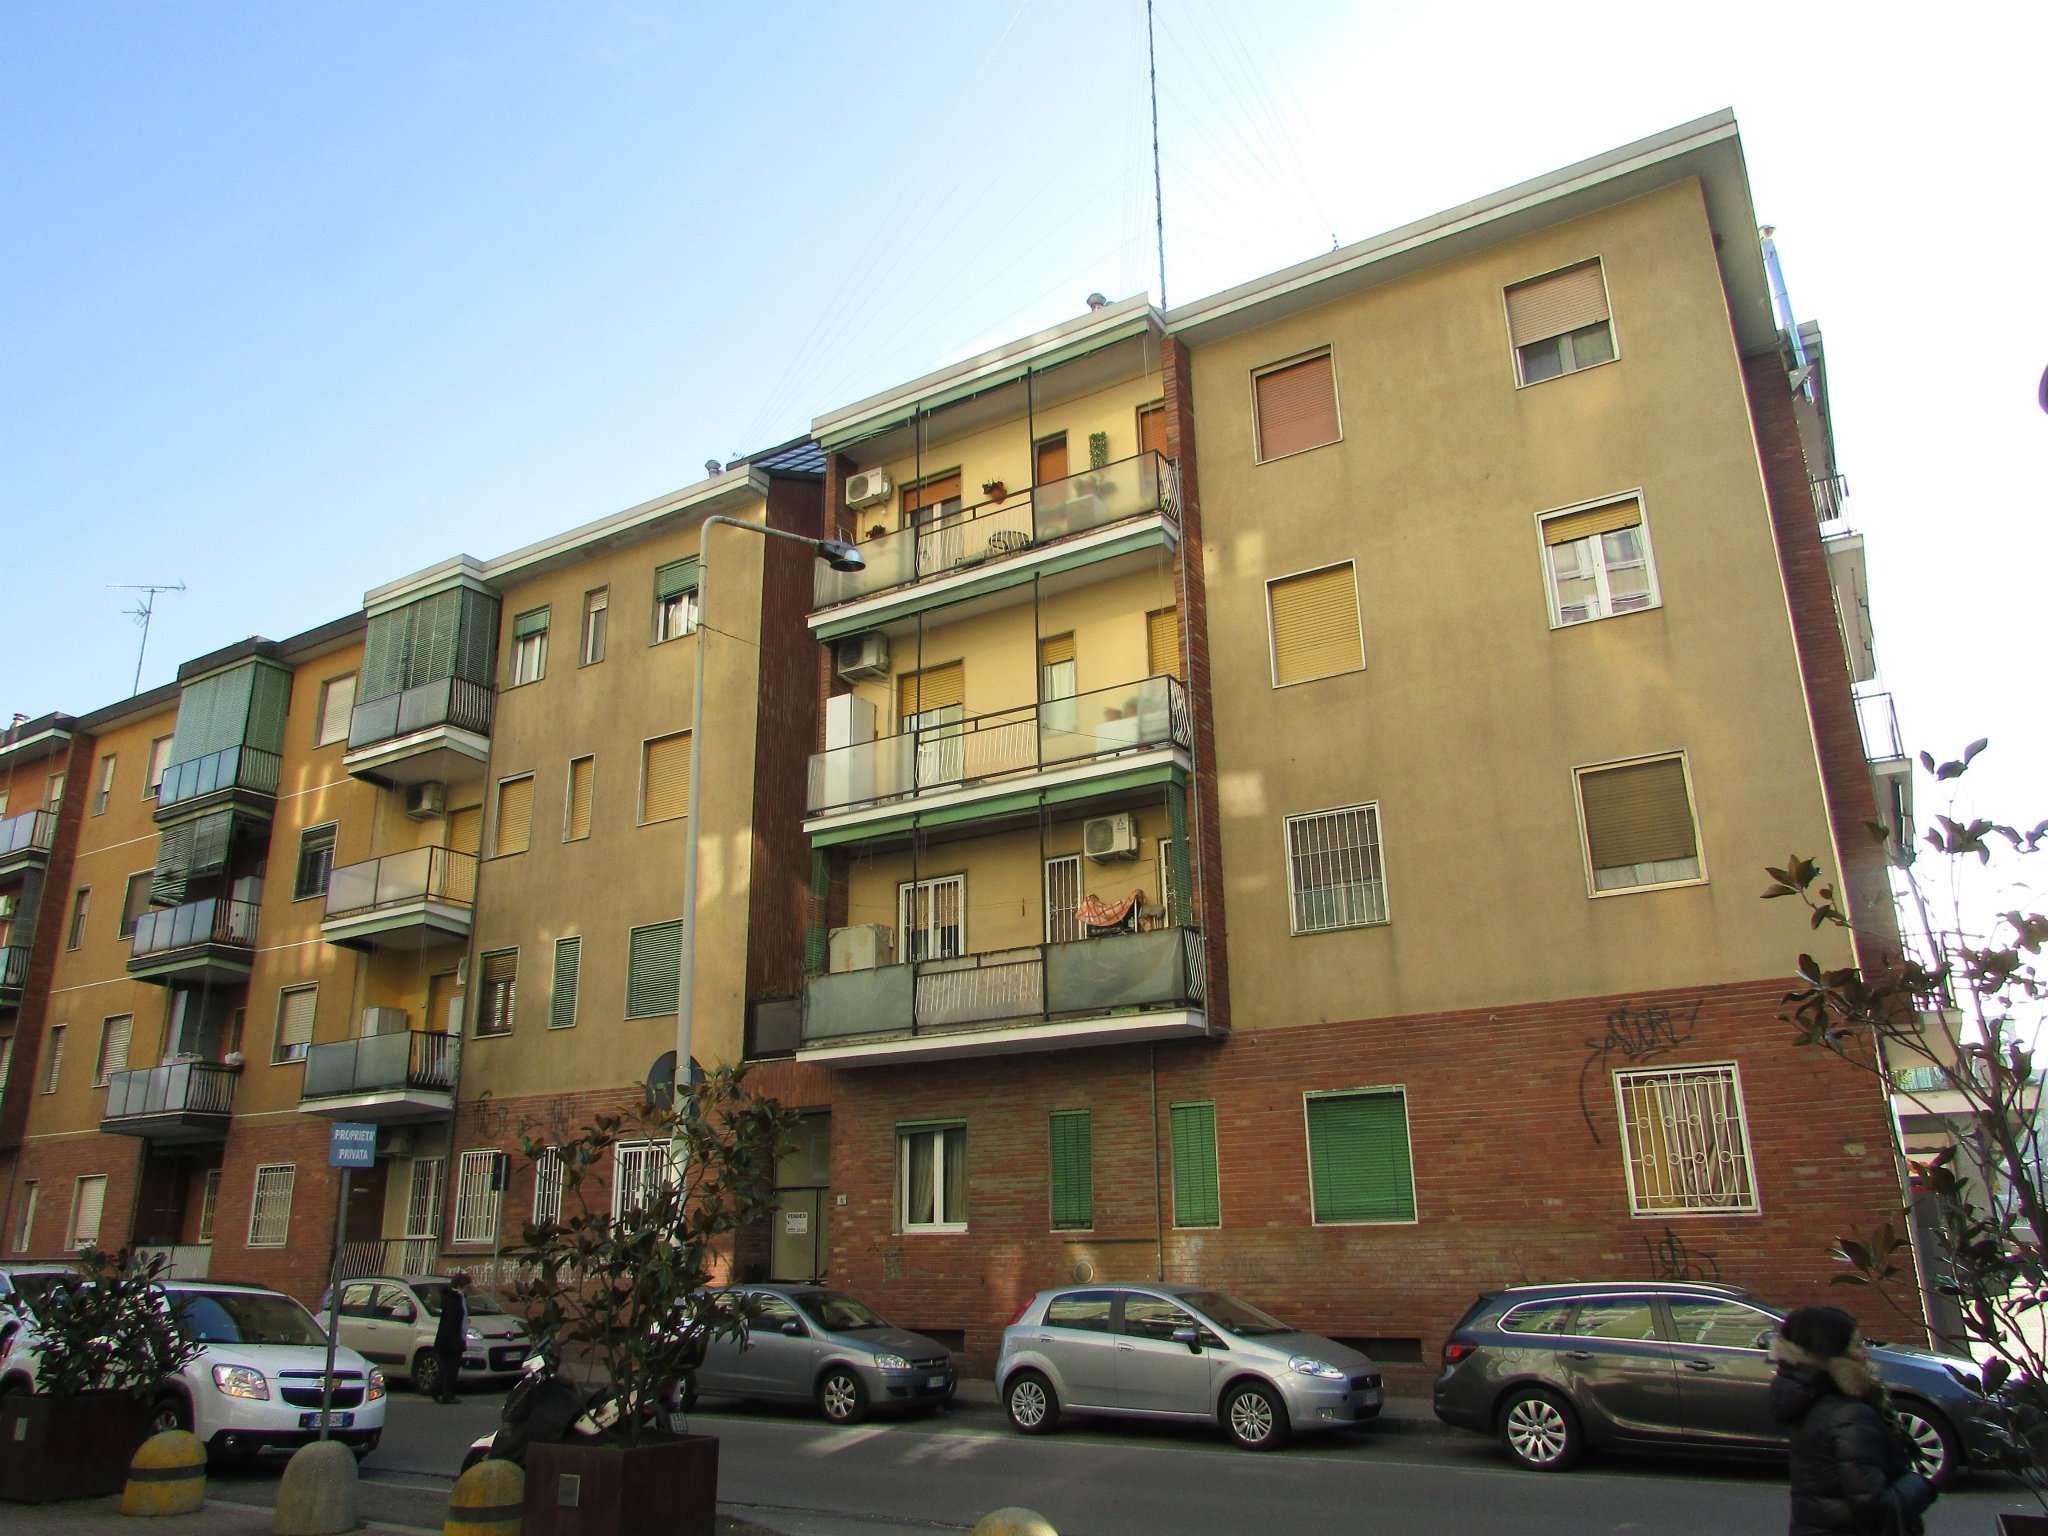 appartamenti bilocali in vendita a san giuliano milanese. Black Bedroom Furniture Sets. Home Design Ideas